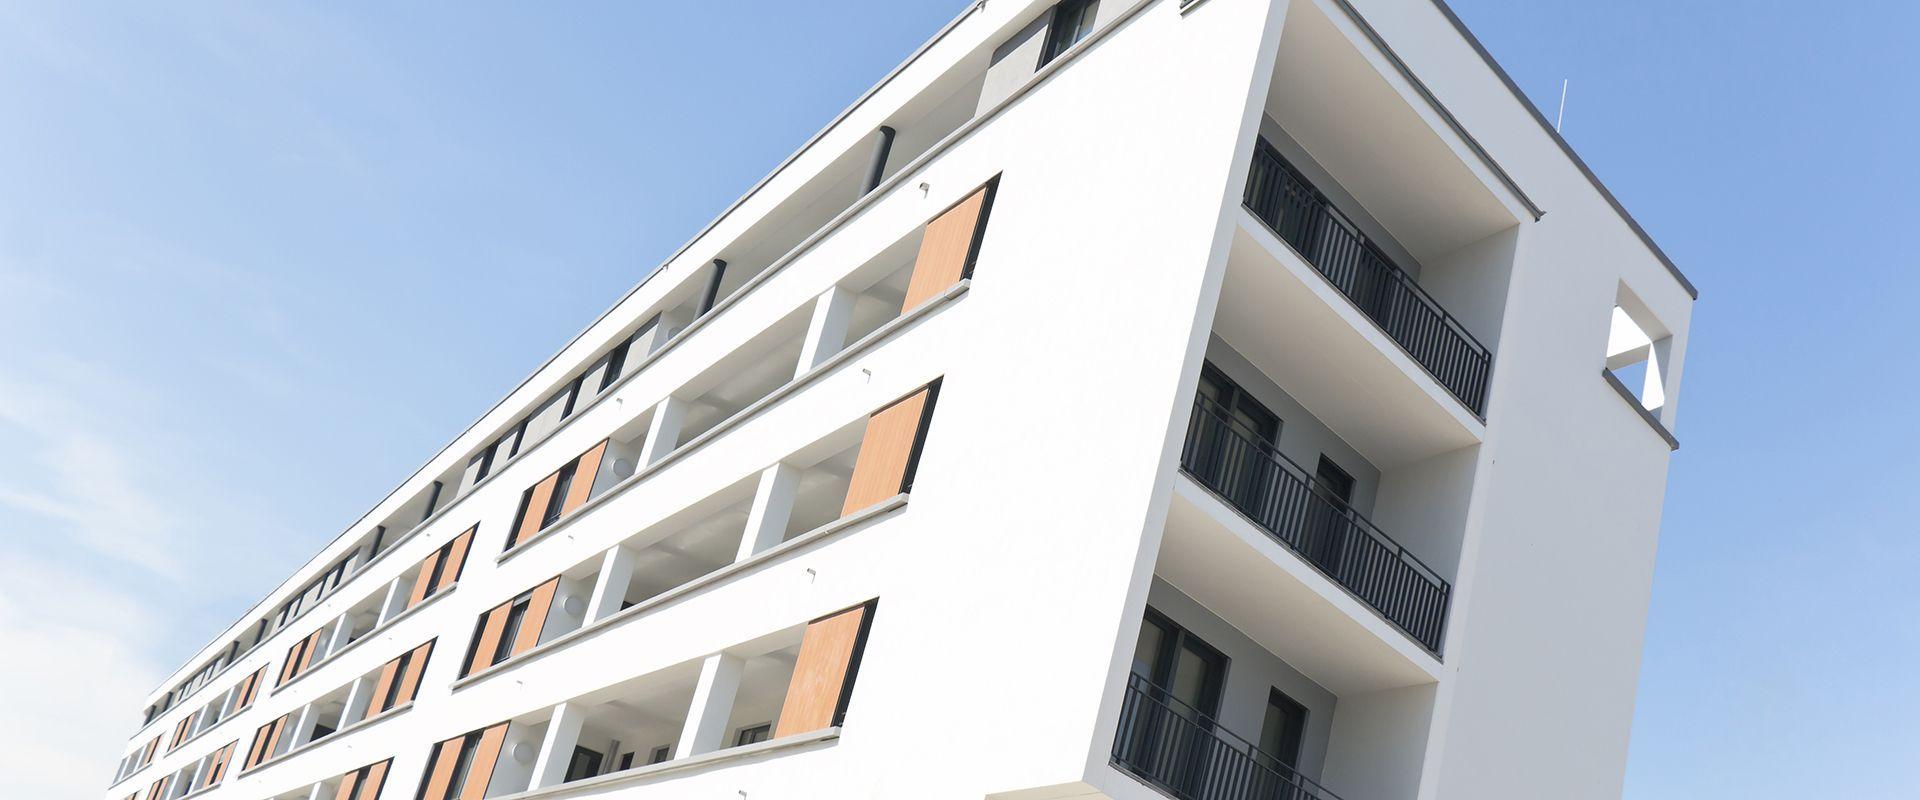 Soluzioni KNX di termoregolazione ekinex per il residenziale